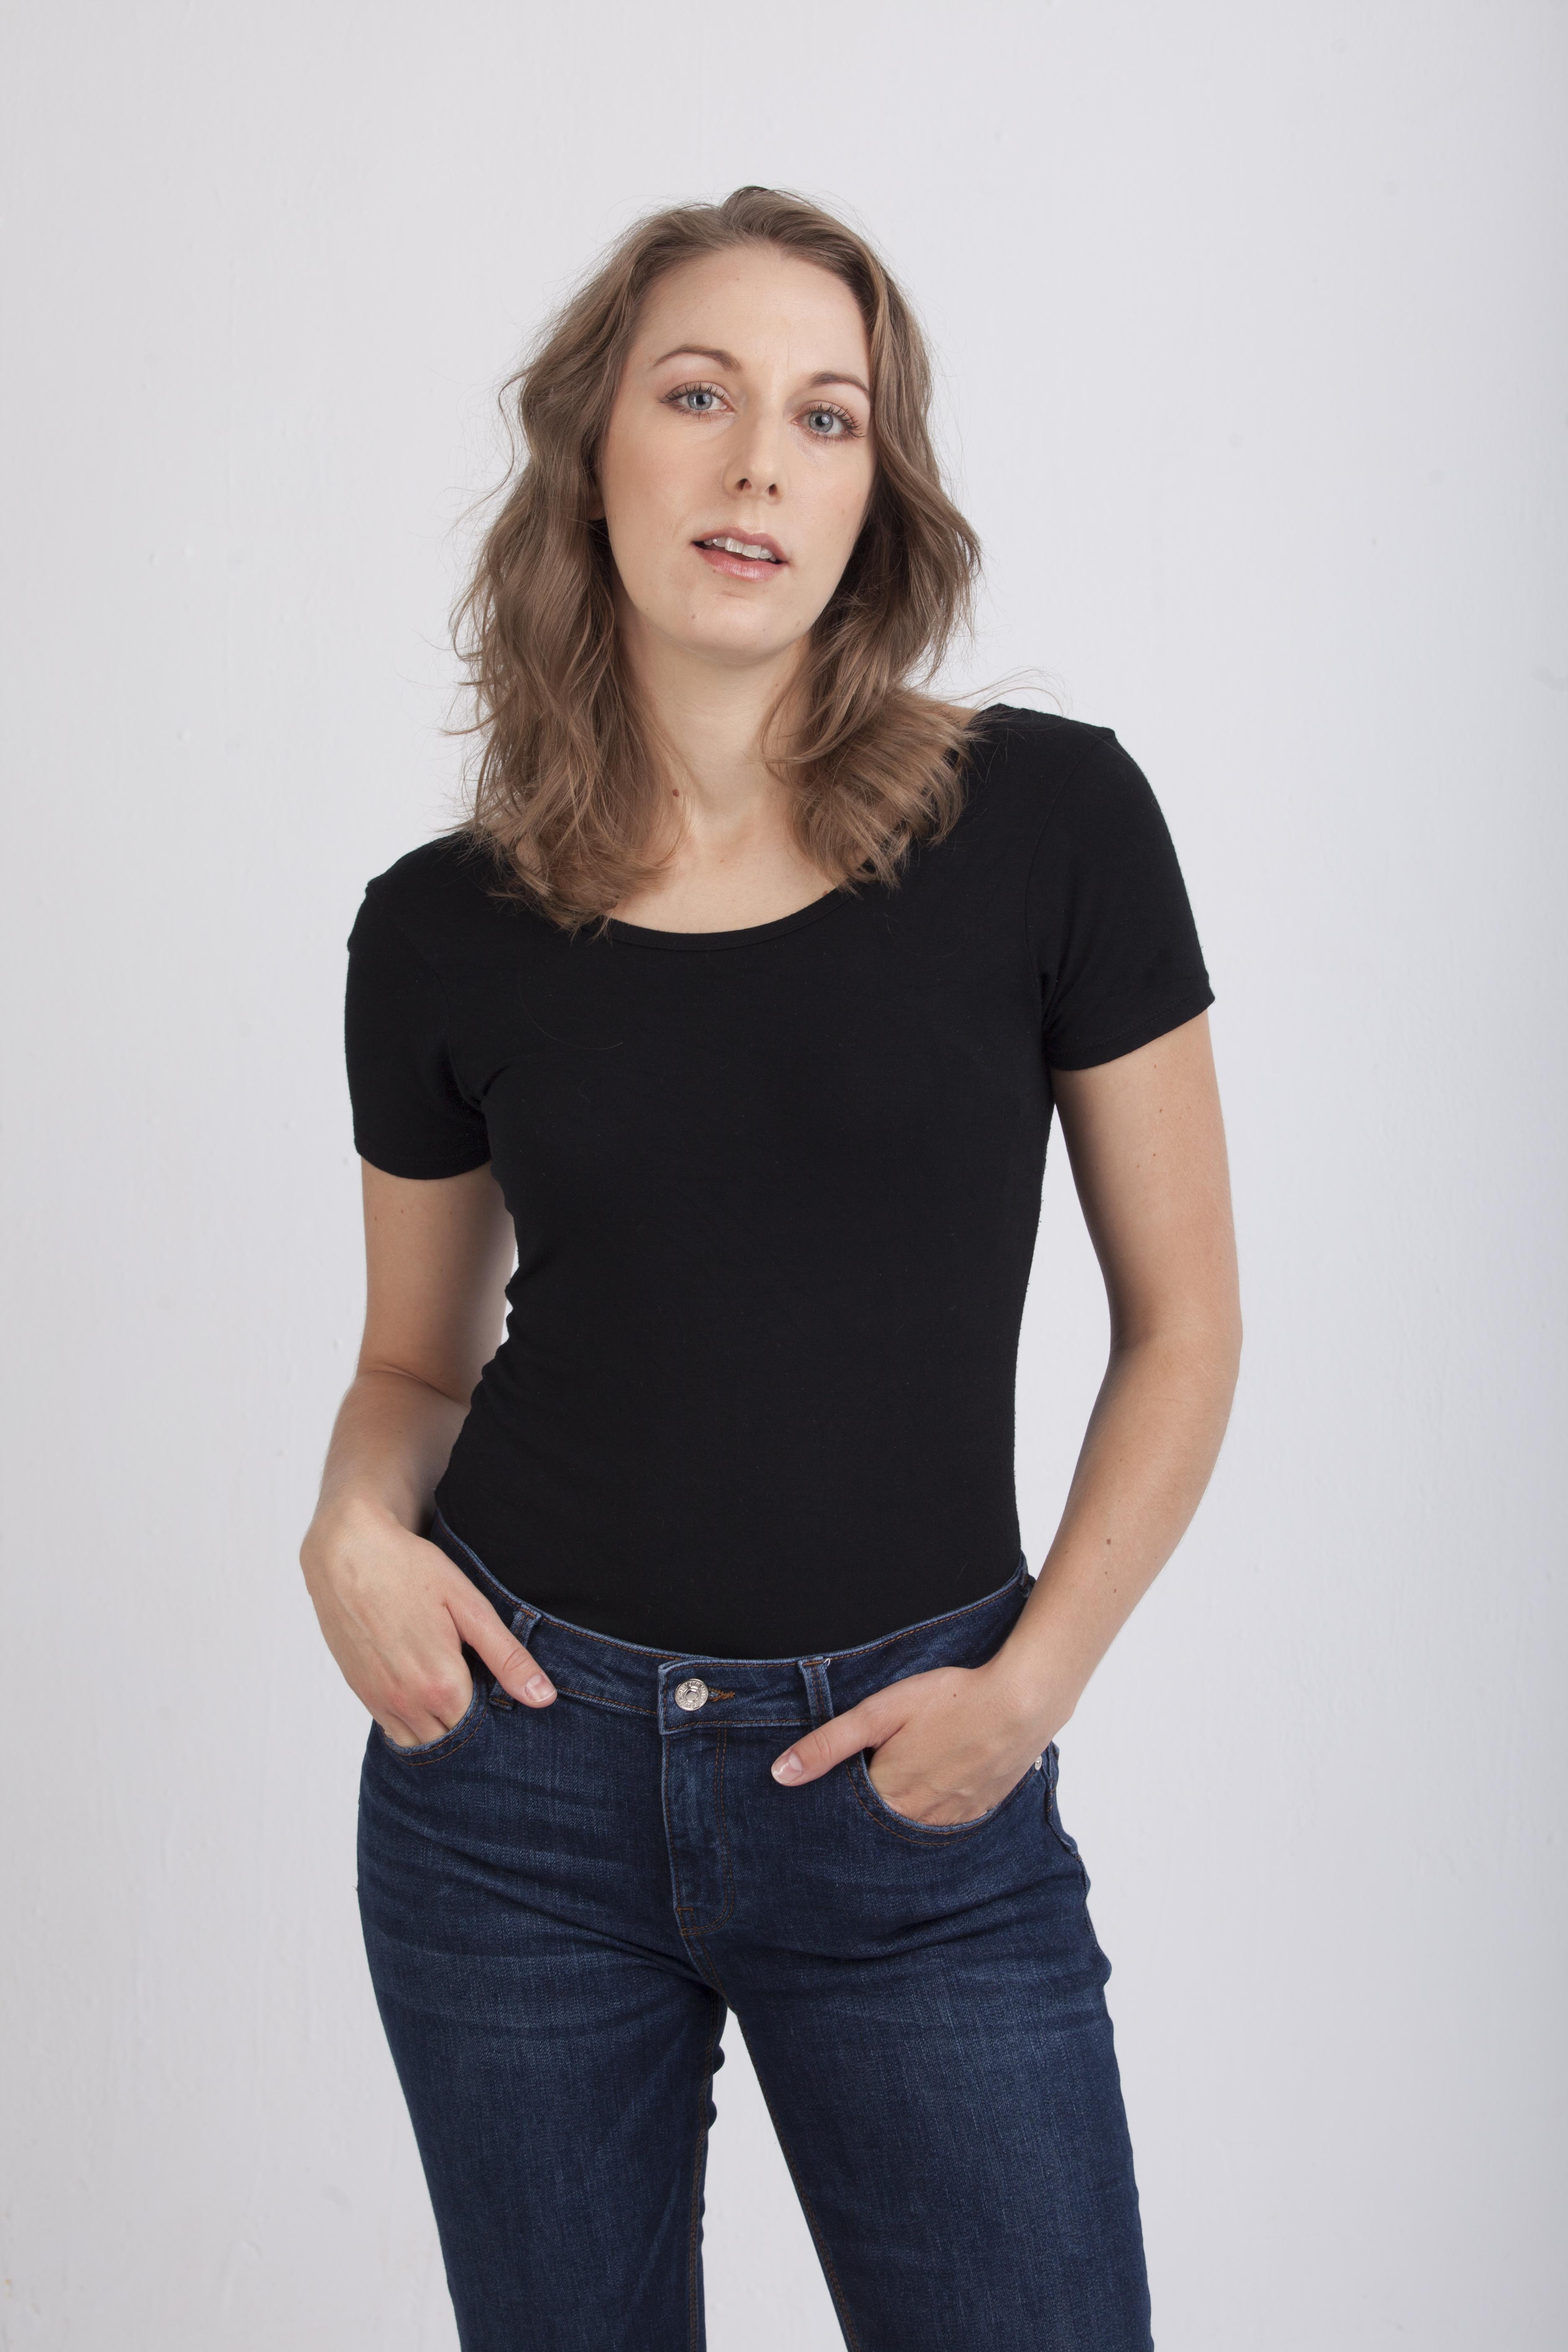 Verónica Gavilán